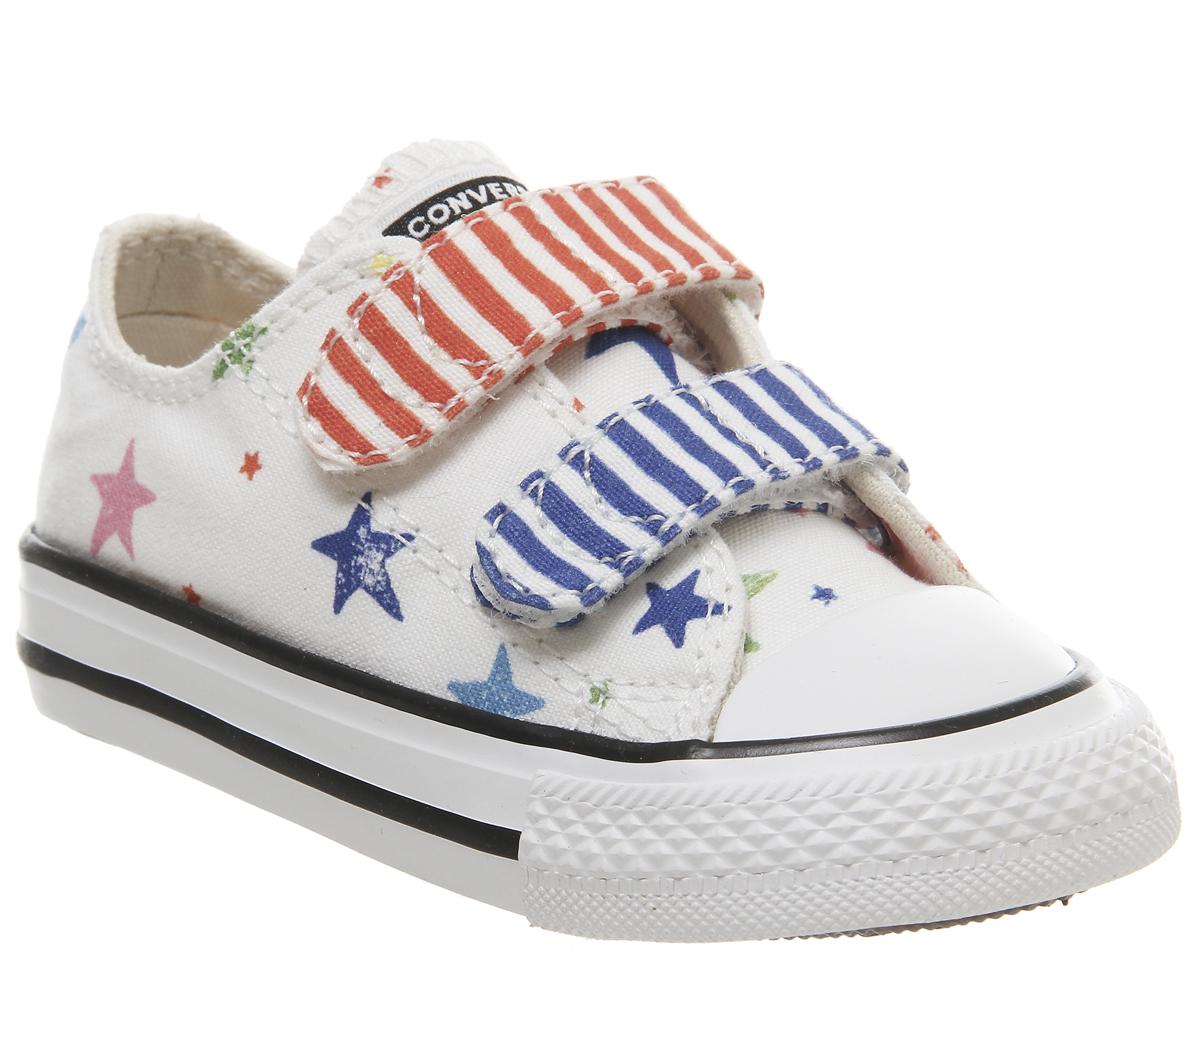 best sneakers 83266 87fe2 Dettagli su Bambini Converse All Star 2Vlace Scarpe Sportive Noe e Zoe  Multi Stelle Bambini